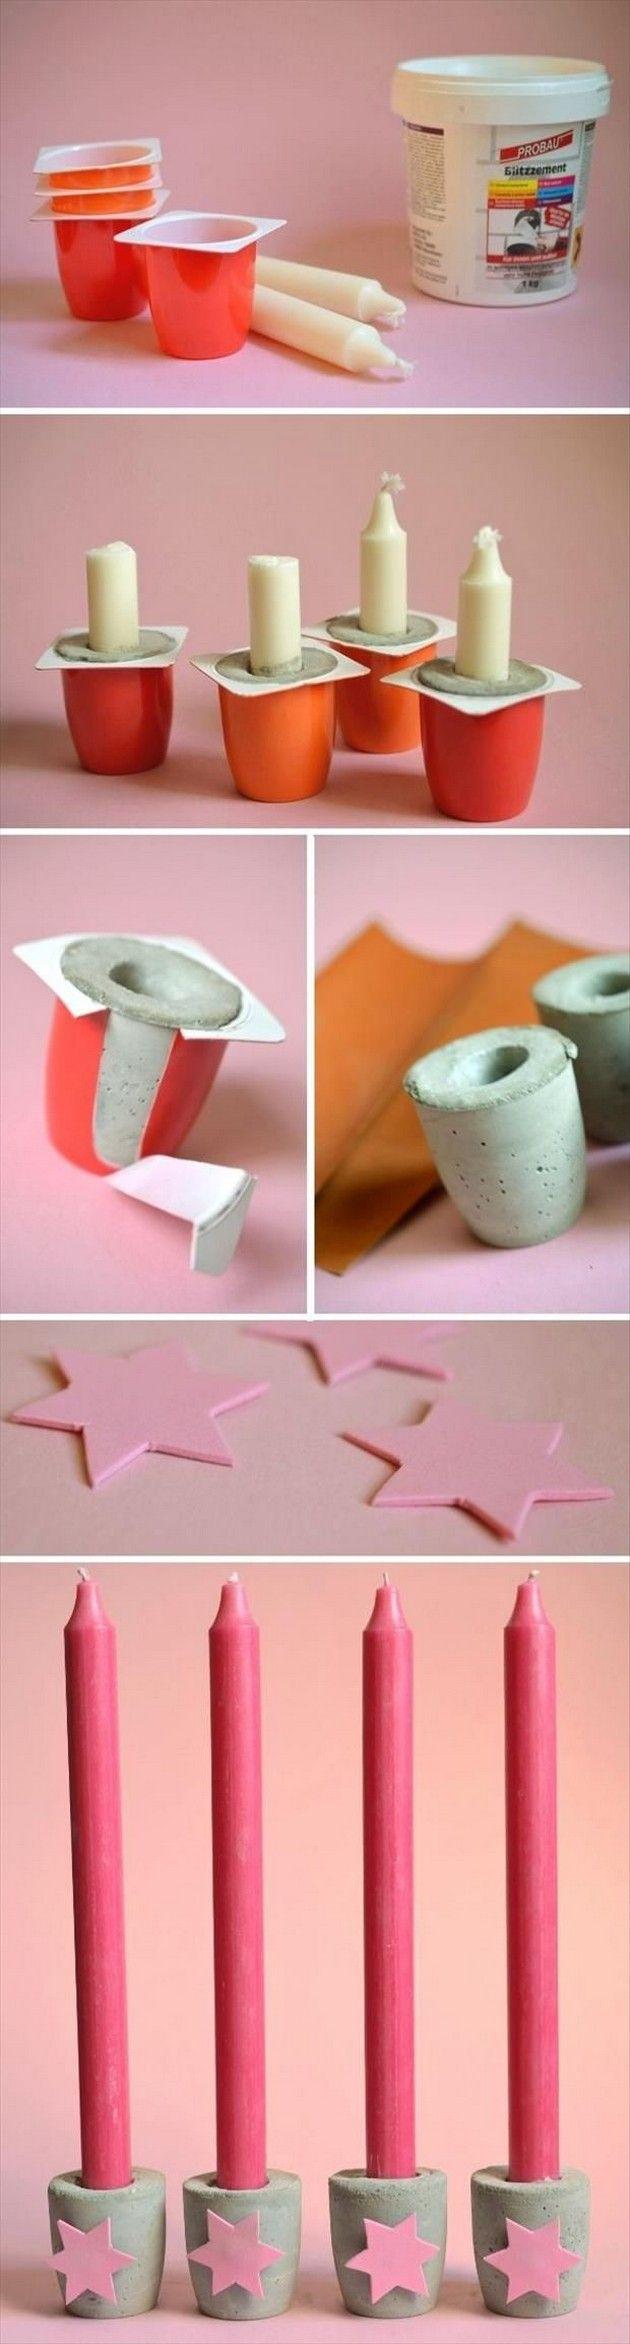 Craft Ideas (11 pics)Vitamin-Ha | Vitamin-Ha